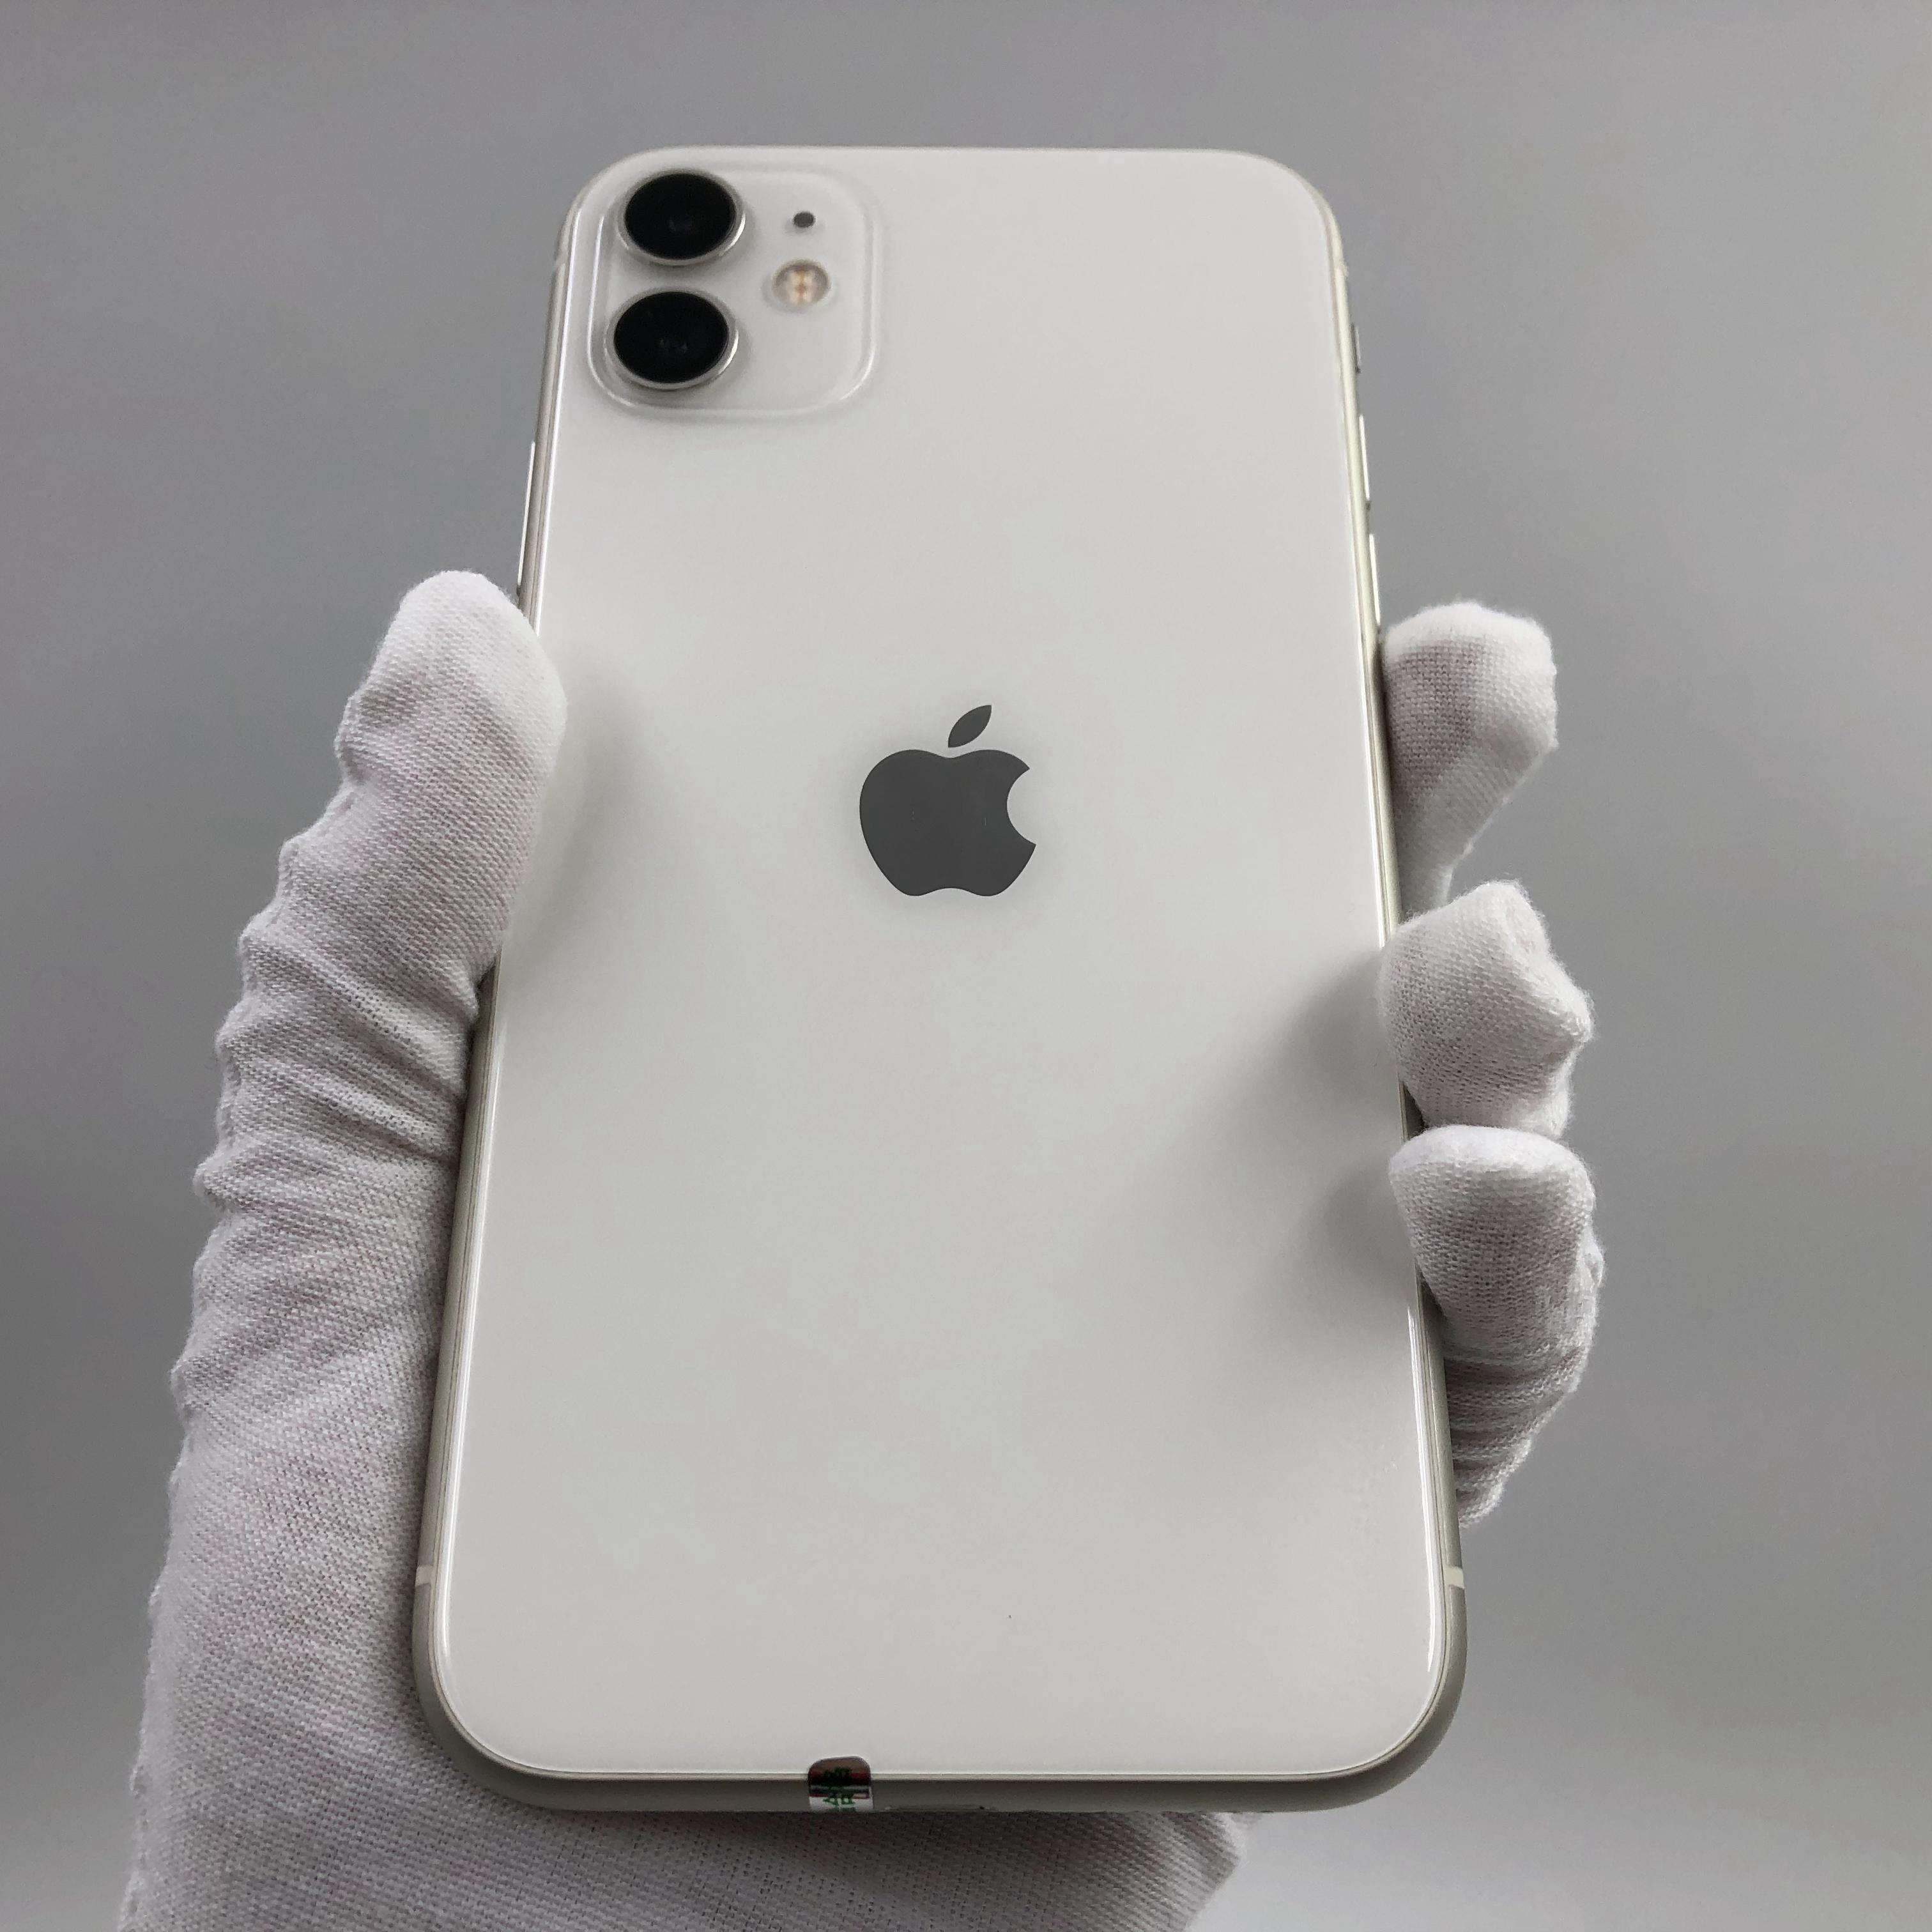 苹果【iPhone 11】4G全网通 白色 64G 国行 8成新